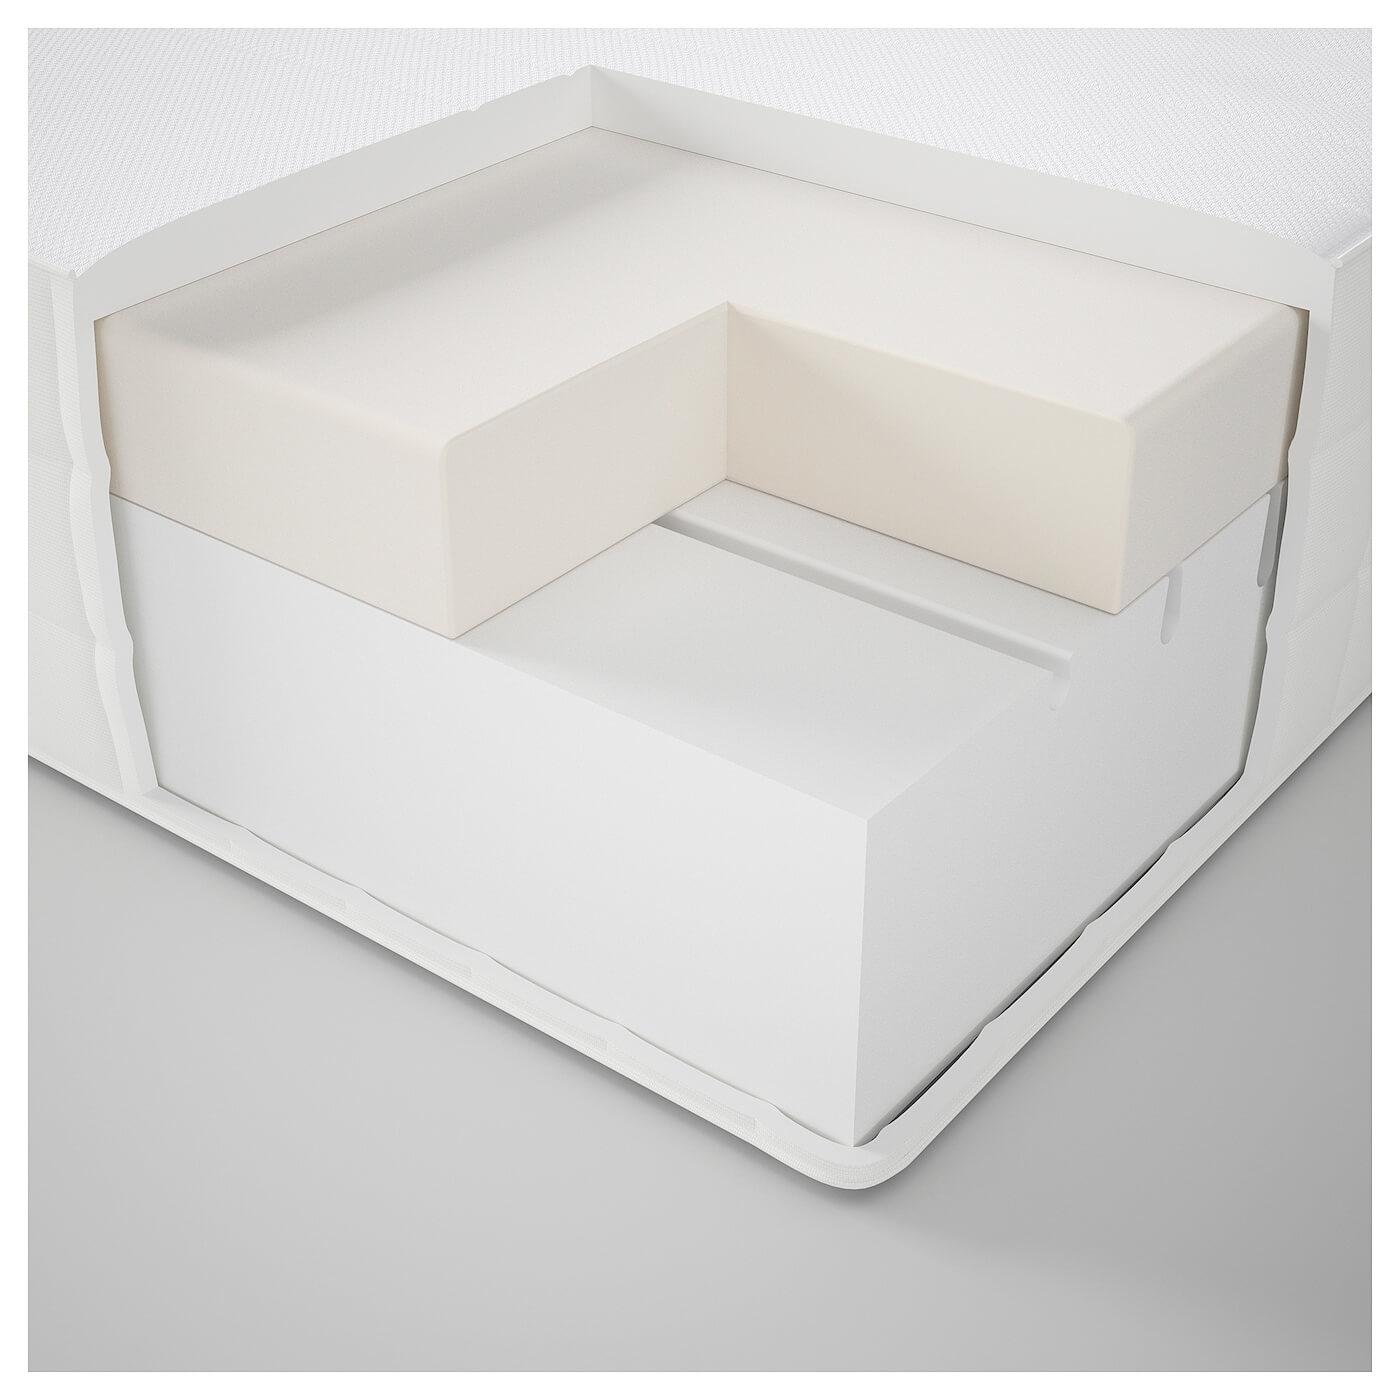 IKEA Matrand Matratze Aufbau